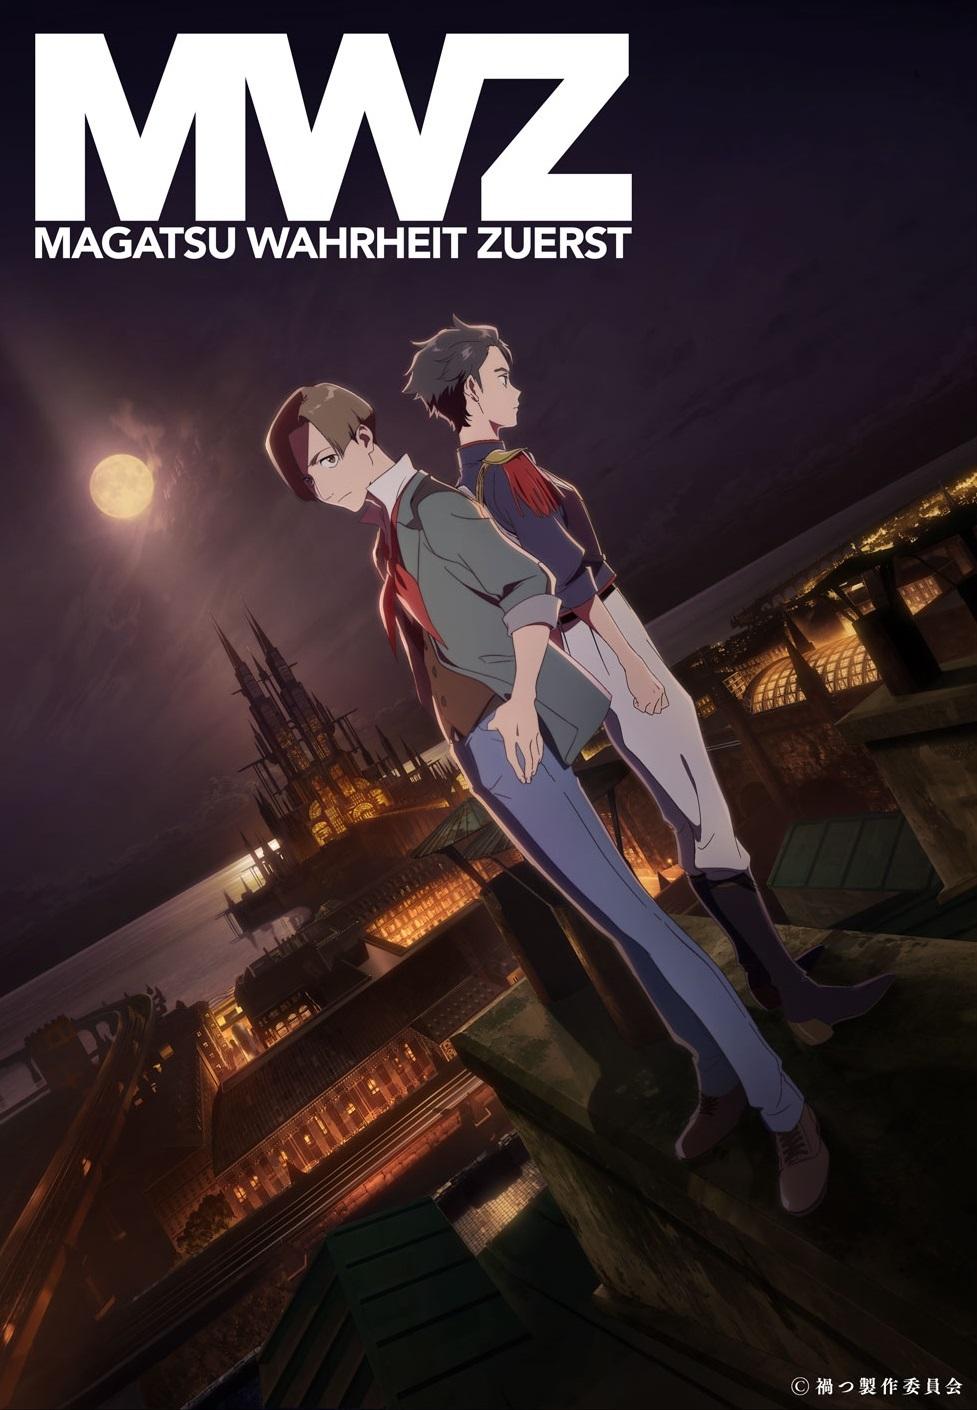 TVアニメ『禍つヴァールハイト -ZUERST-』